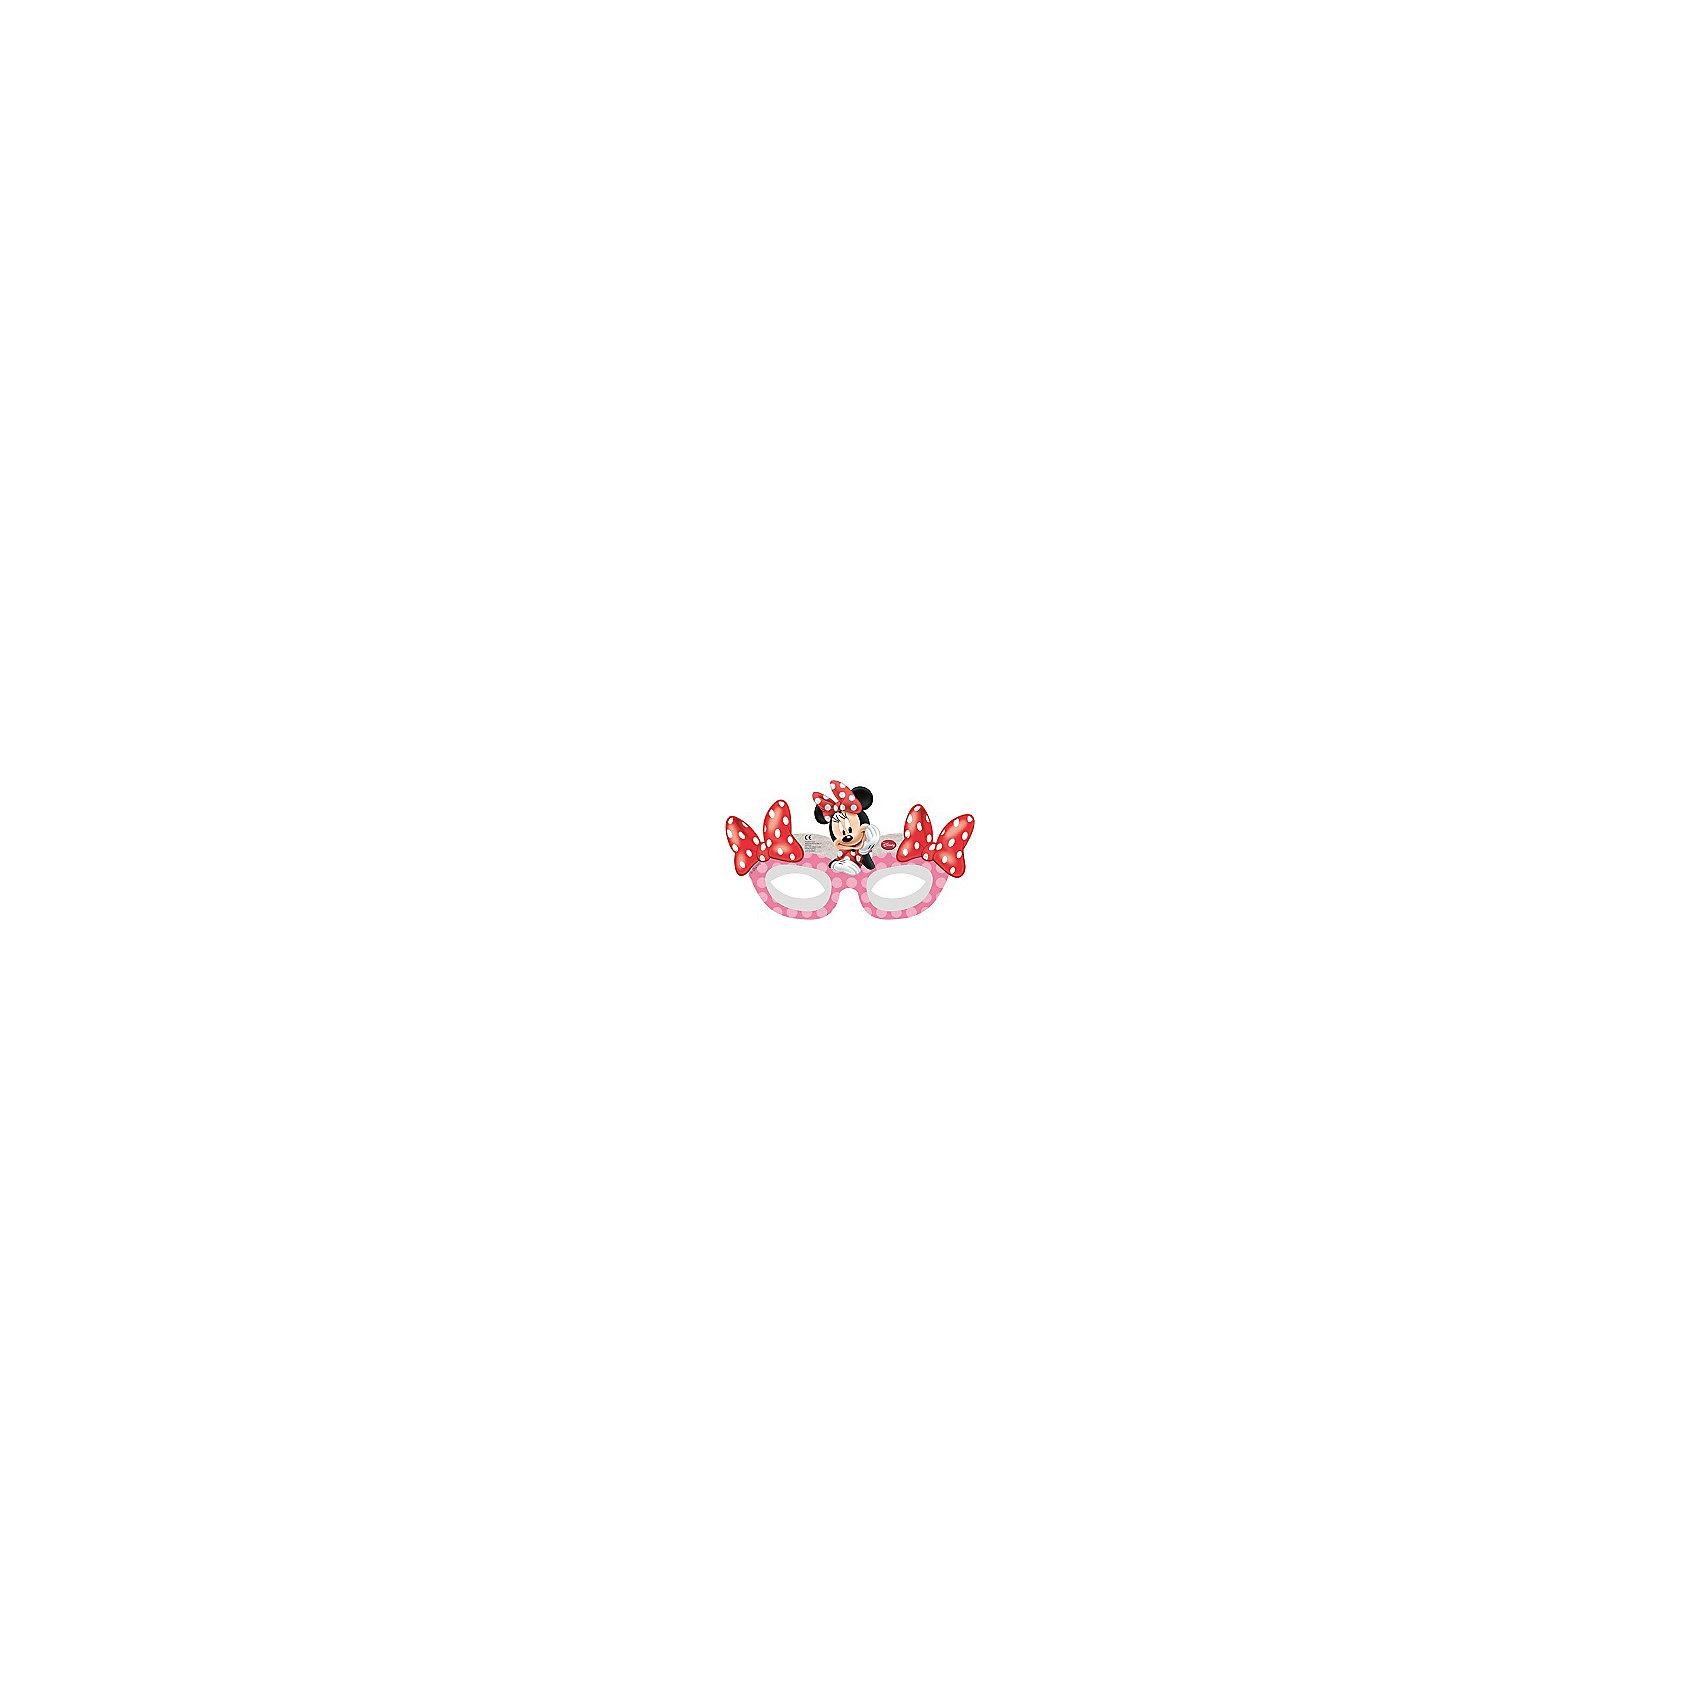 Маски Кафе Минни, 6 шт.Красиво оформить детский праздник, сделать его ярким и запоминающимся Вам помогут аксессуары и украшения в стиле любимых детских персонажей. Красочные маски Кафе Минни порадуют Вашу малышку и ее подруг и будут создавать атмосферу веселья и радости. Комплект включает в себя 6 бумажных масок, выполненных в виде веселой мышки Минни, подружки мышонка Микки-Мауса из популярных диснеевских мультфильмов. Маски изготовлены из высококачественных и нетоксичных материалов, которые совершенно безопасны для детского здоровья.<br><br>Дополнительная информация:<br><br>- В комплекте: 6 шт.<br>- Материал: бумага.<br>- Размер упаковки: 1,5 х 16,5 х 19 см.<br>- Вес: 43 гр.<br><br>Маски Кафе Минни,  6 шт., можно купить в нашем интернет-магазине.<br><br>Ширина мм: 15<br>Глубина мм: 165<br>Высота мм: 190<br>Вес г: 43<br>Возраст от месяцев: 36<br>Возраст до месяцев: 84<br>Пол: Женский<br>Возраст: Детский<br>SKU: 4008399